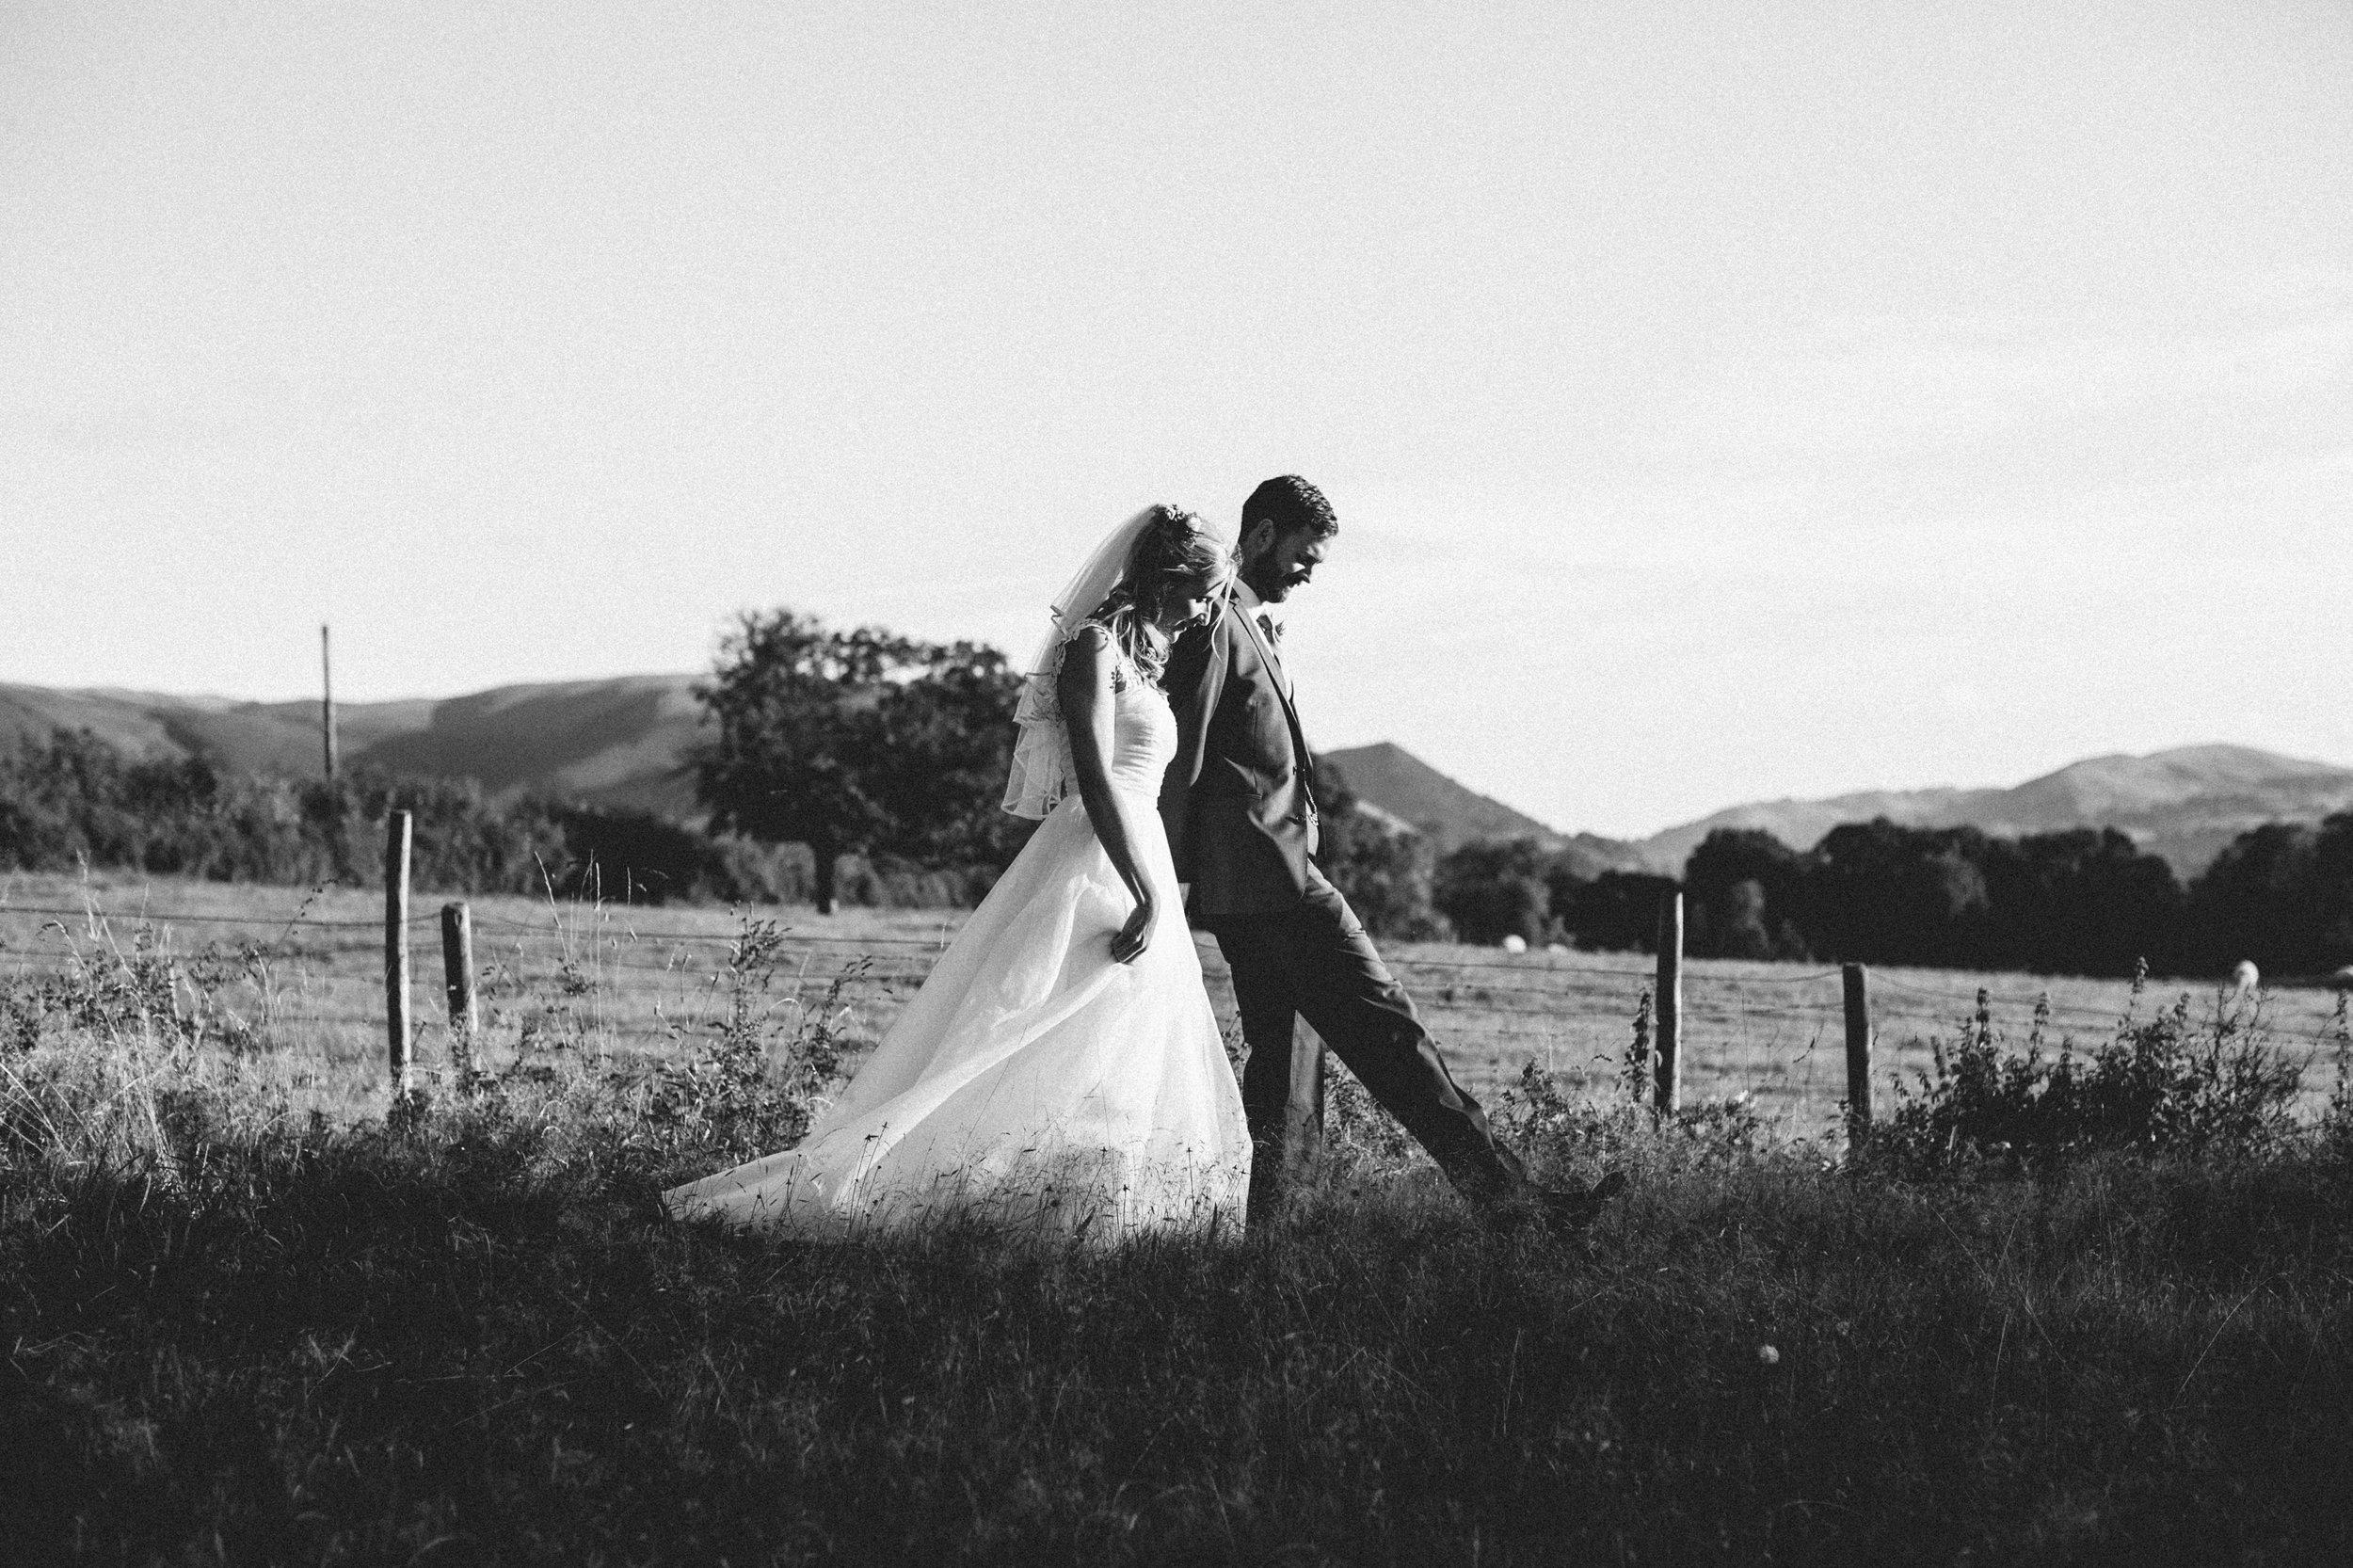 uk wedding photographer artistic wedding photography-108.jpg